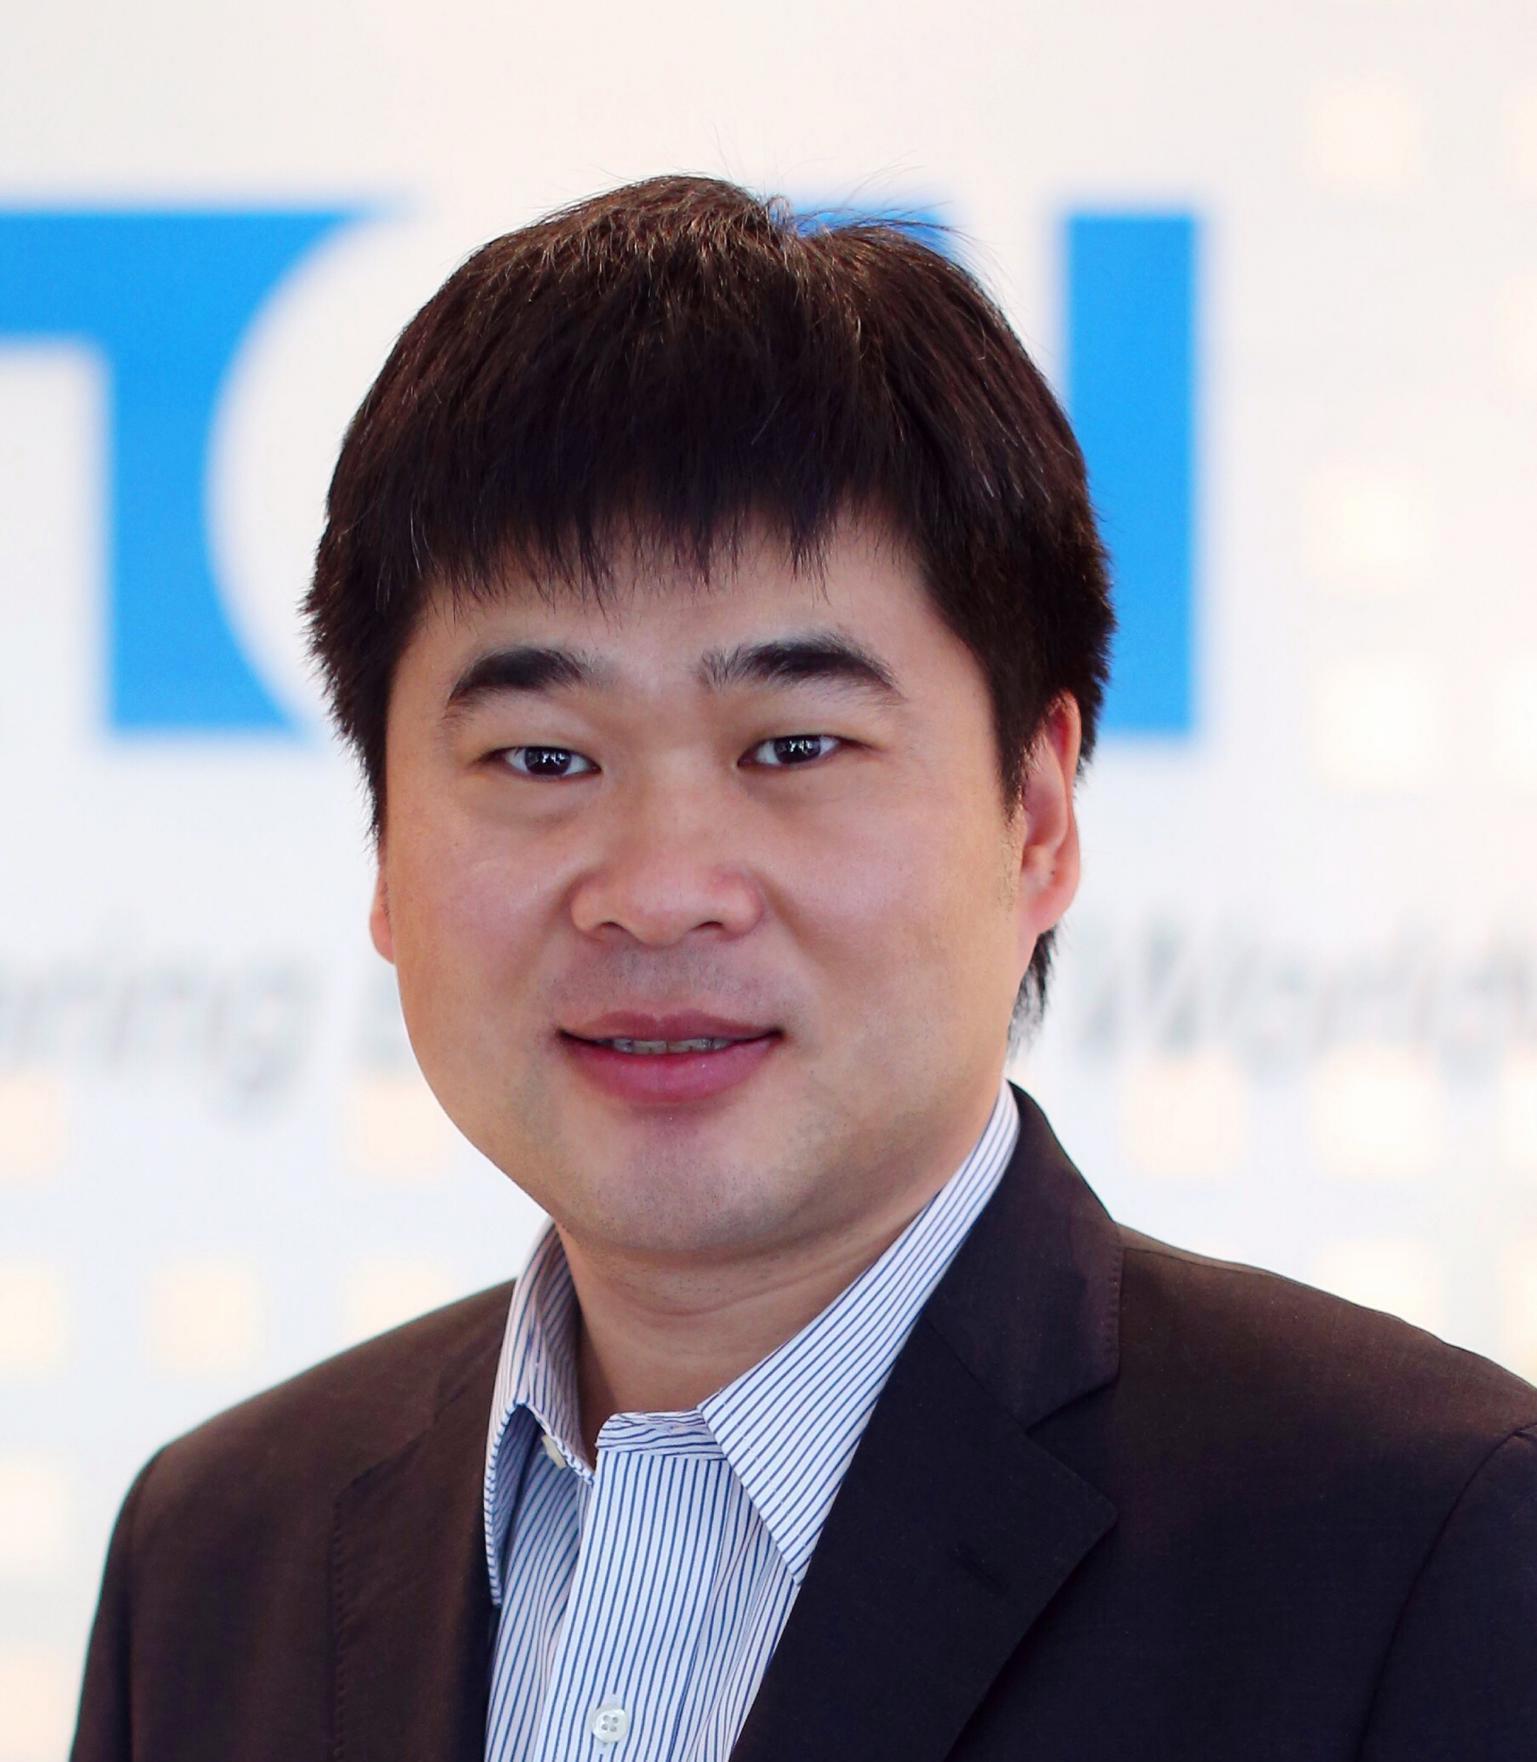 Huan Shen